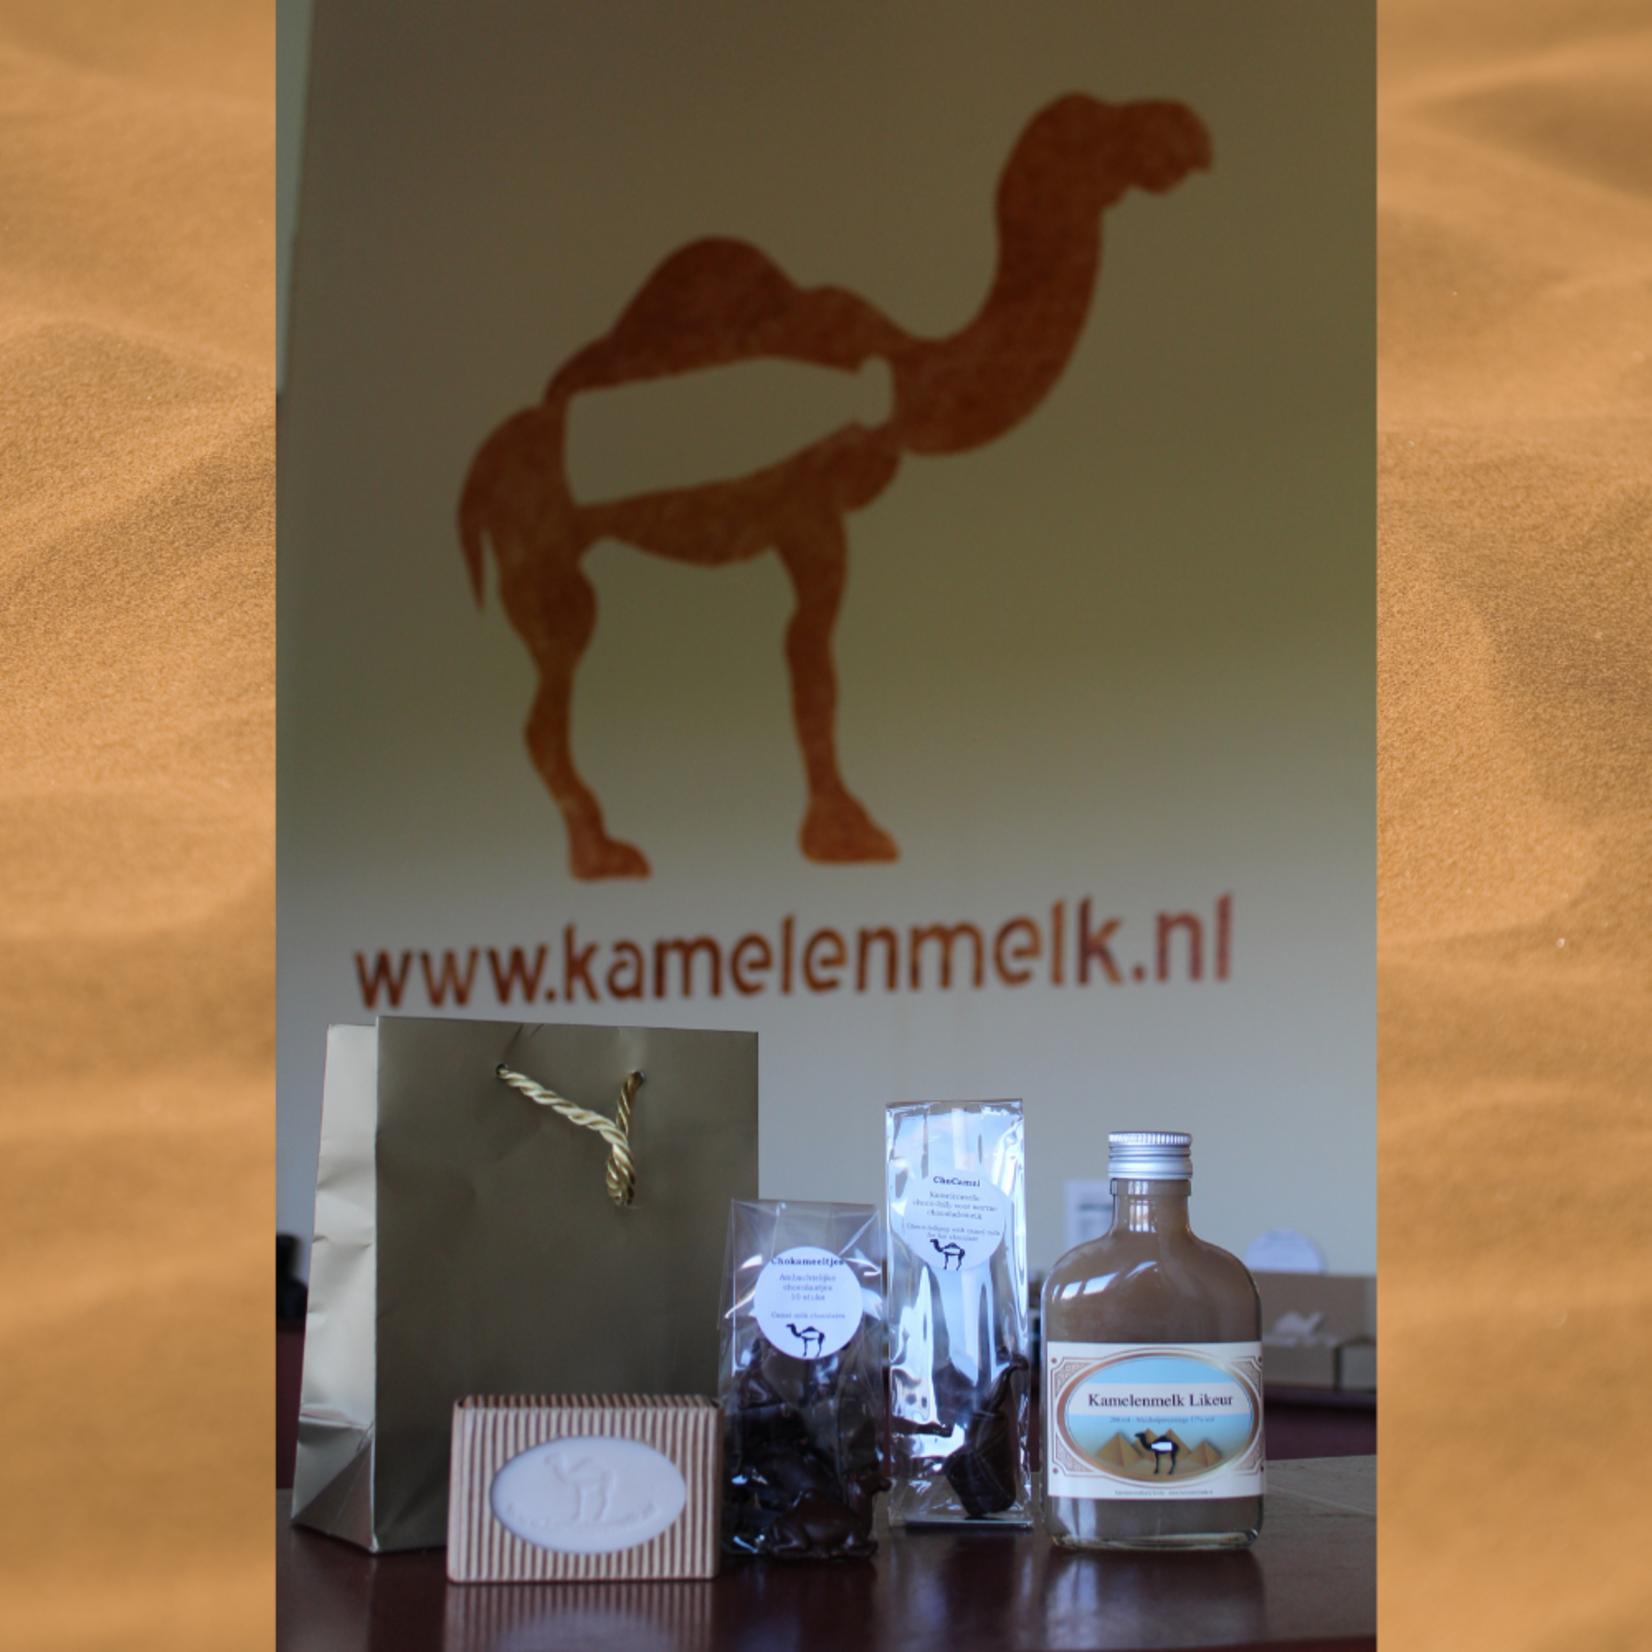 Kamel-Geschenkpaket 2 mit Kamelseife, Choco Kamele, einem Chocamel-Lutscher und eine Flasche Kamelmilchlikör